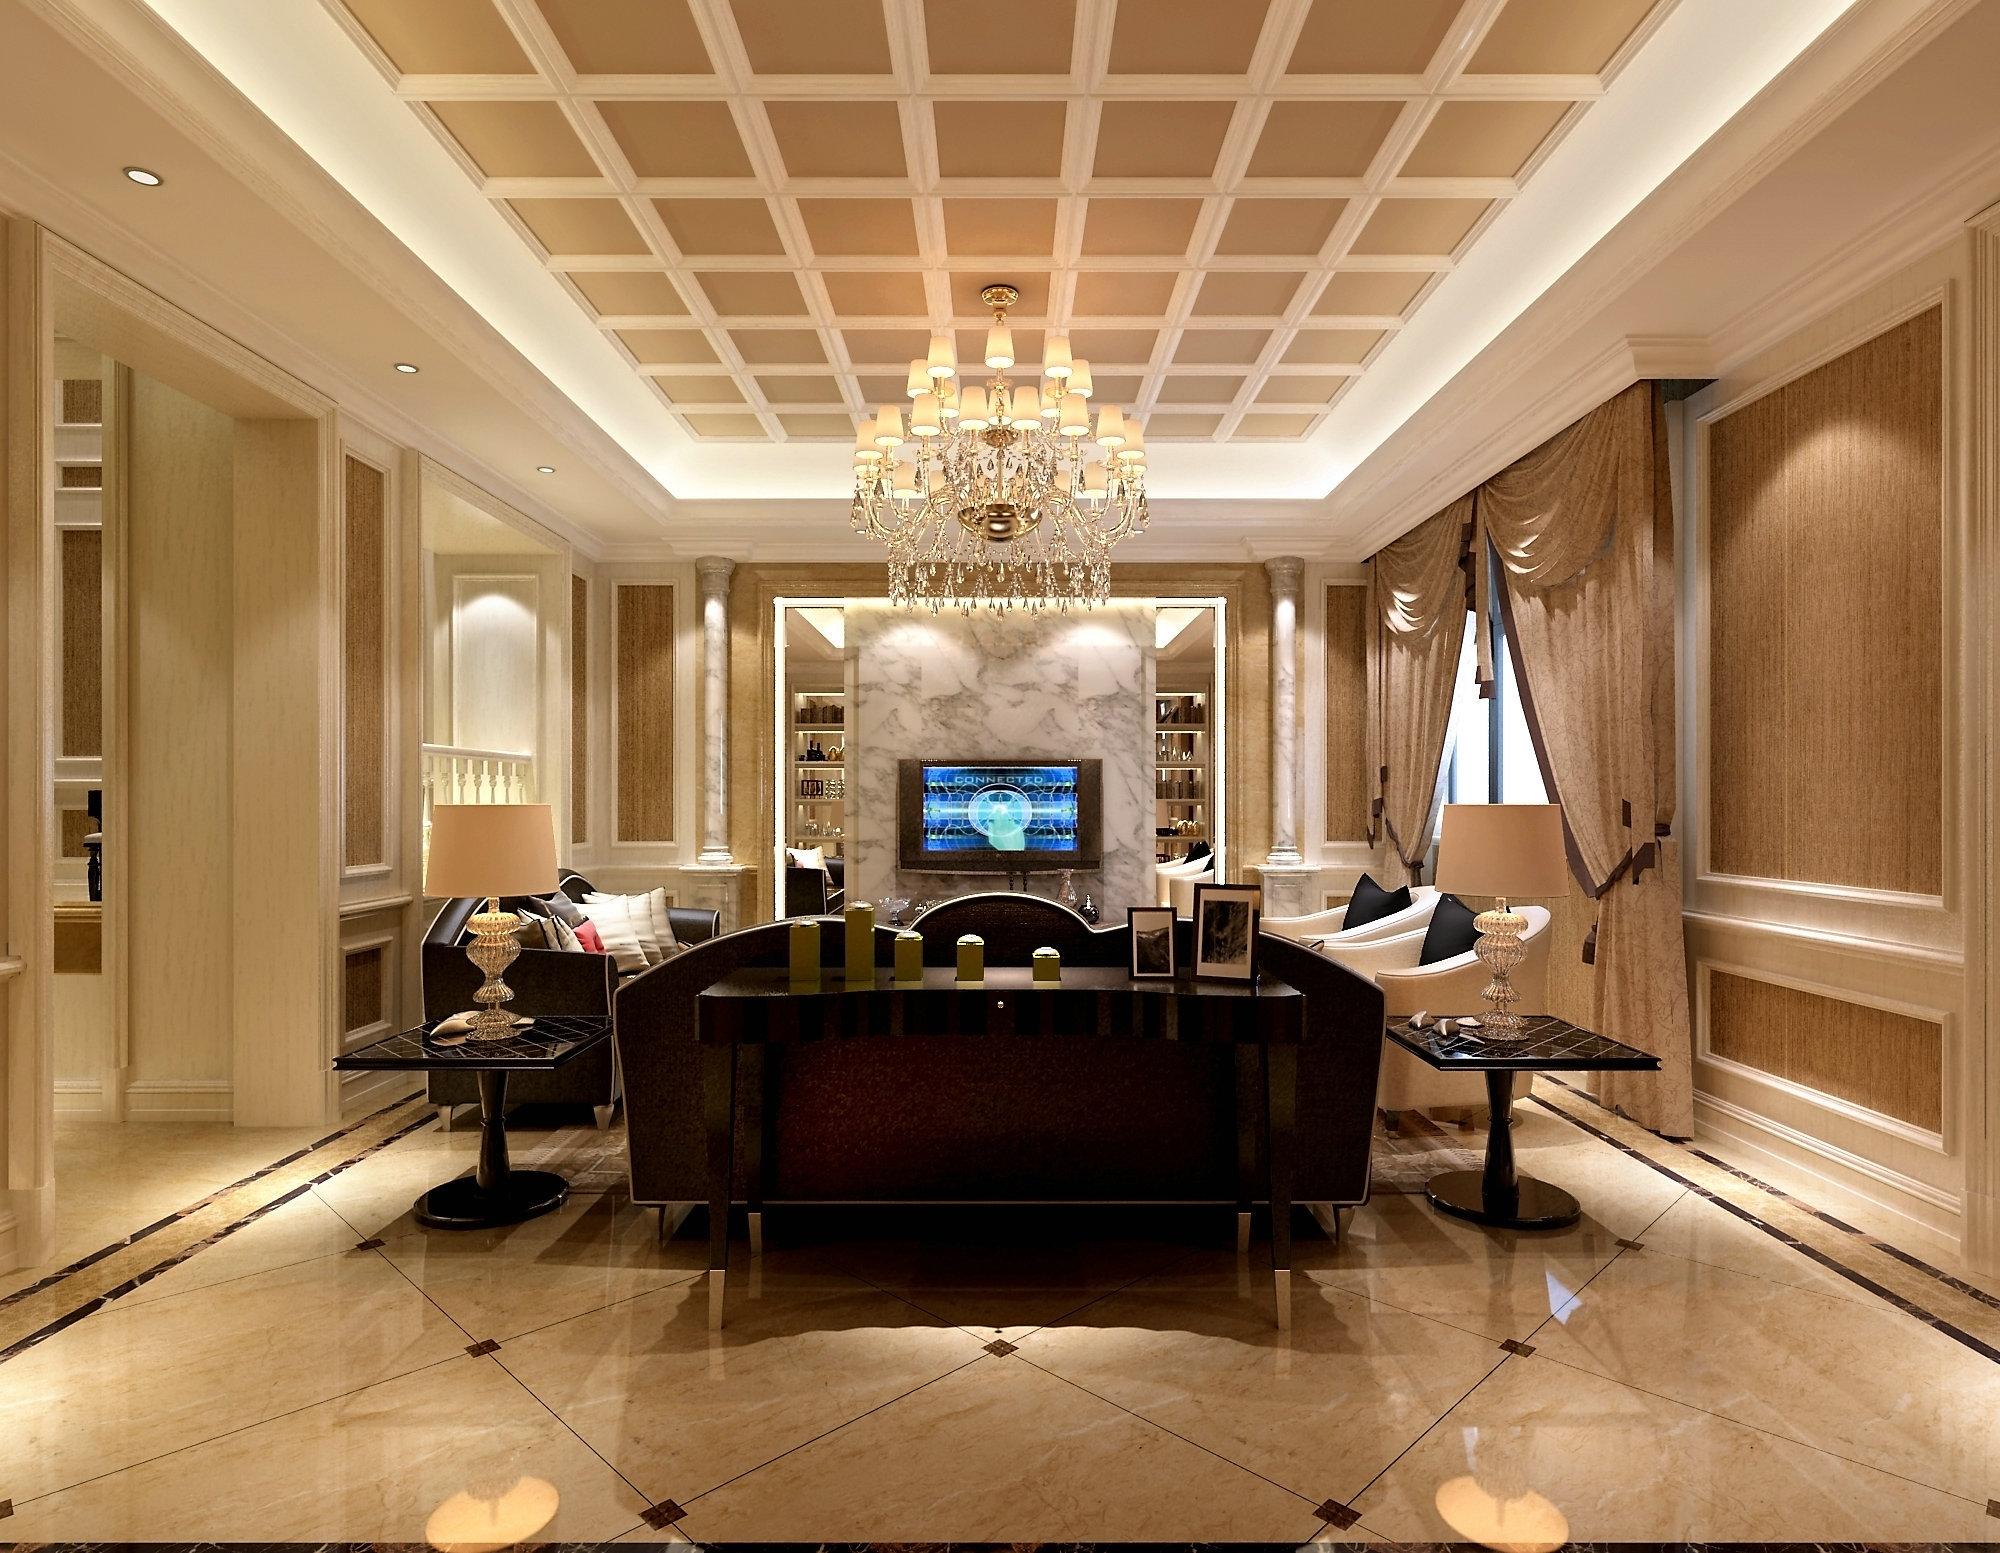 东方豪园 别墅装修 欧美风格 腾龙设计 客厅图片来自孔继民在东方豪园独栋别墅项目装修欧美风的分享